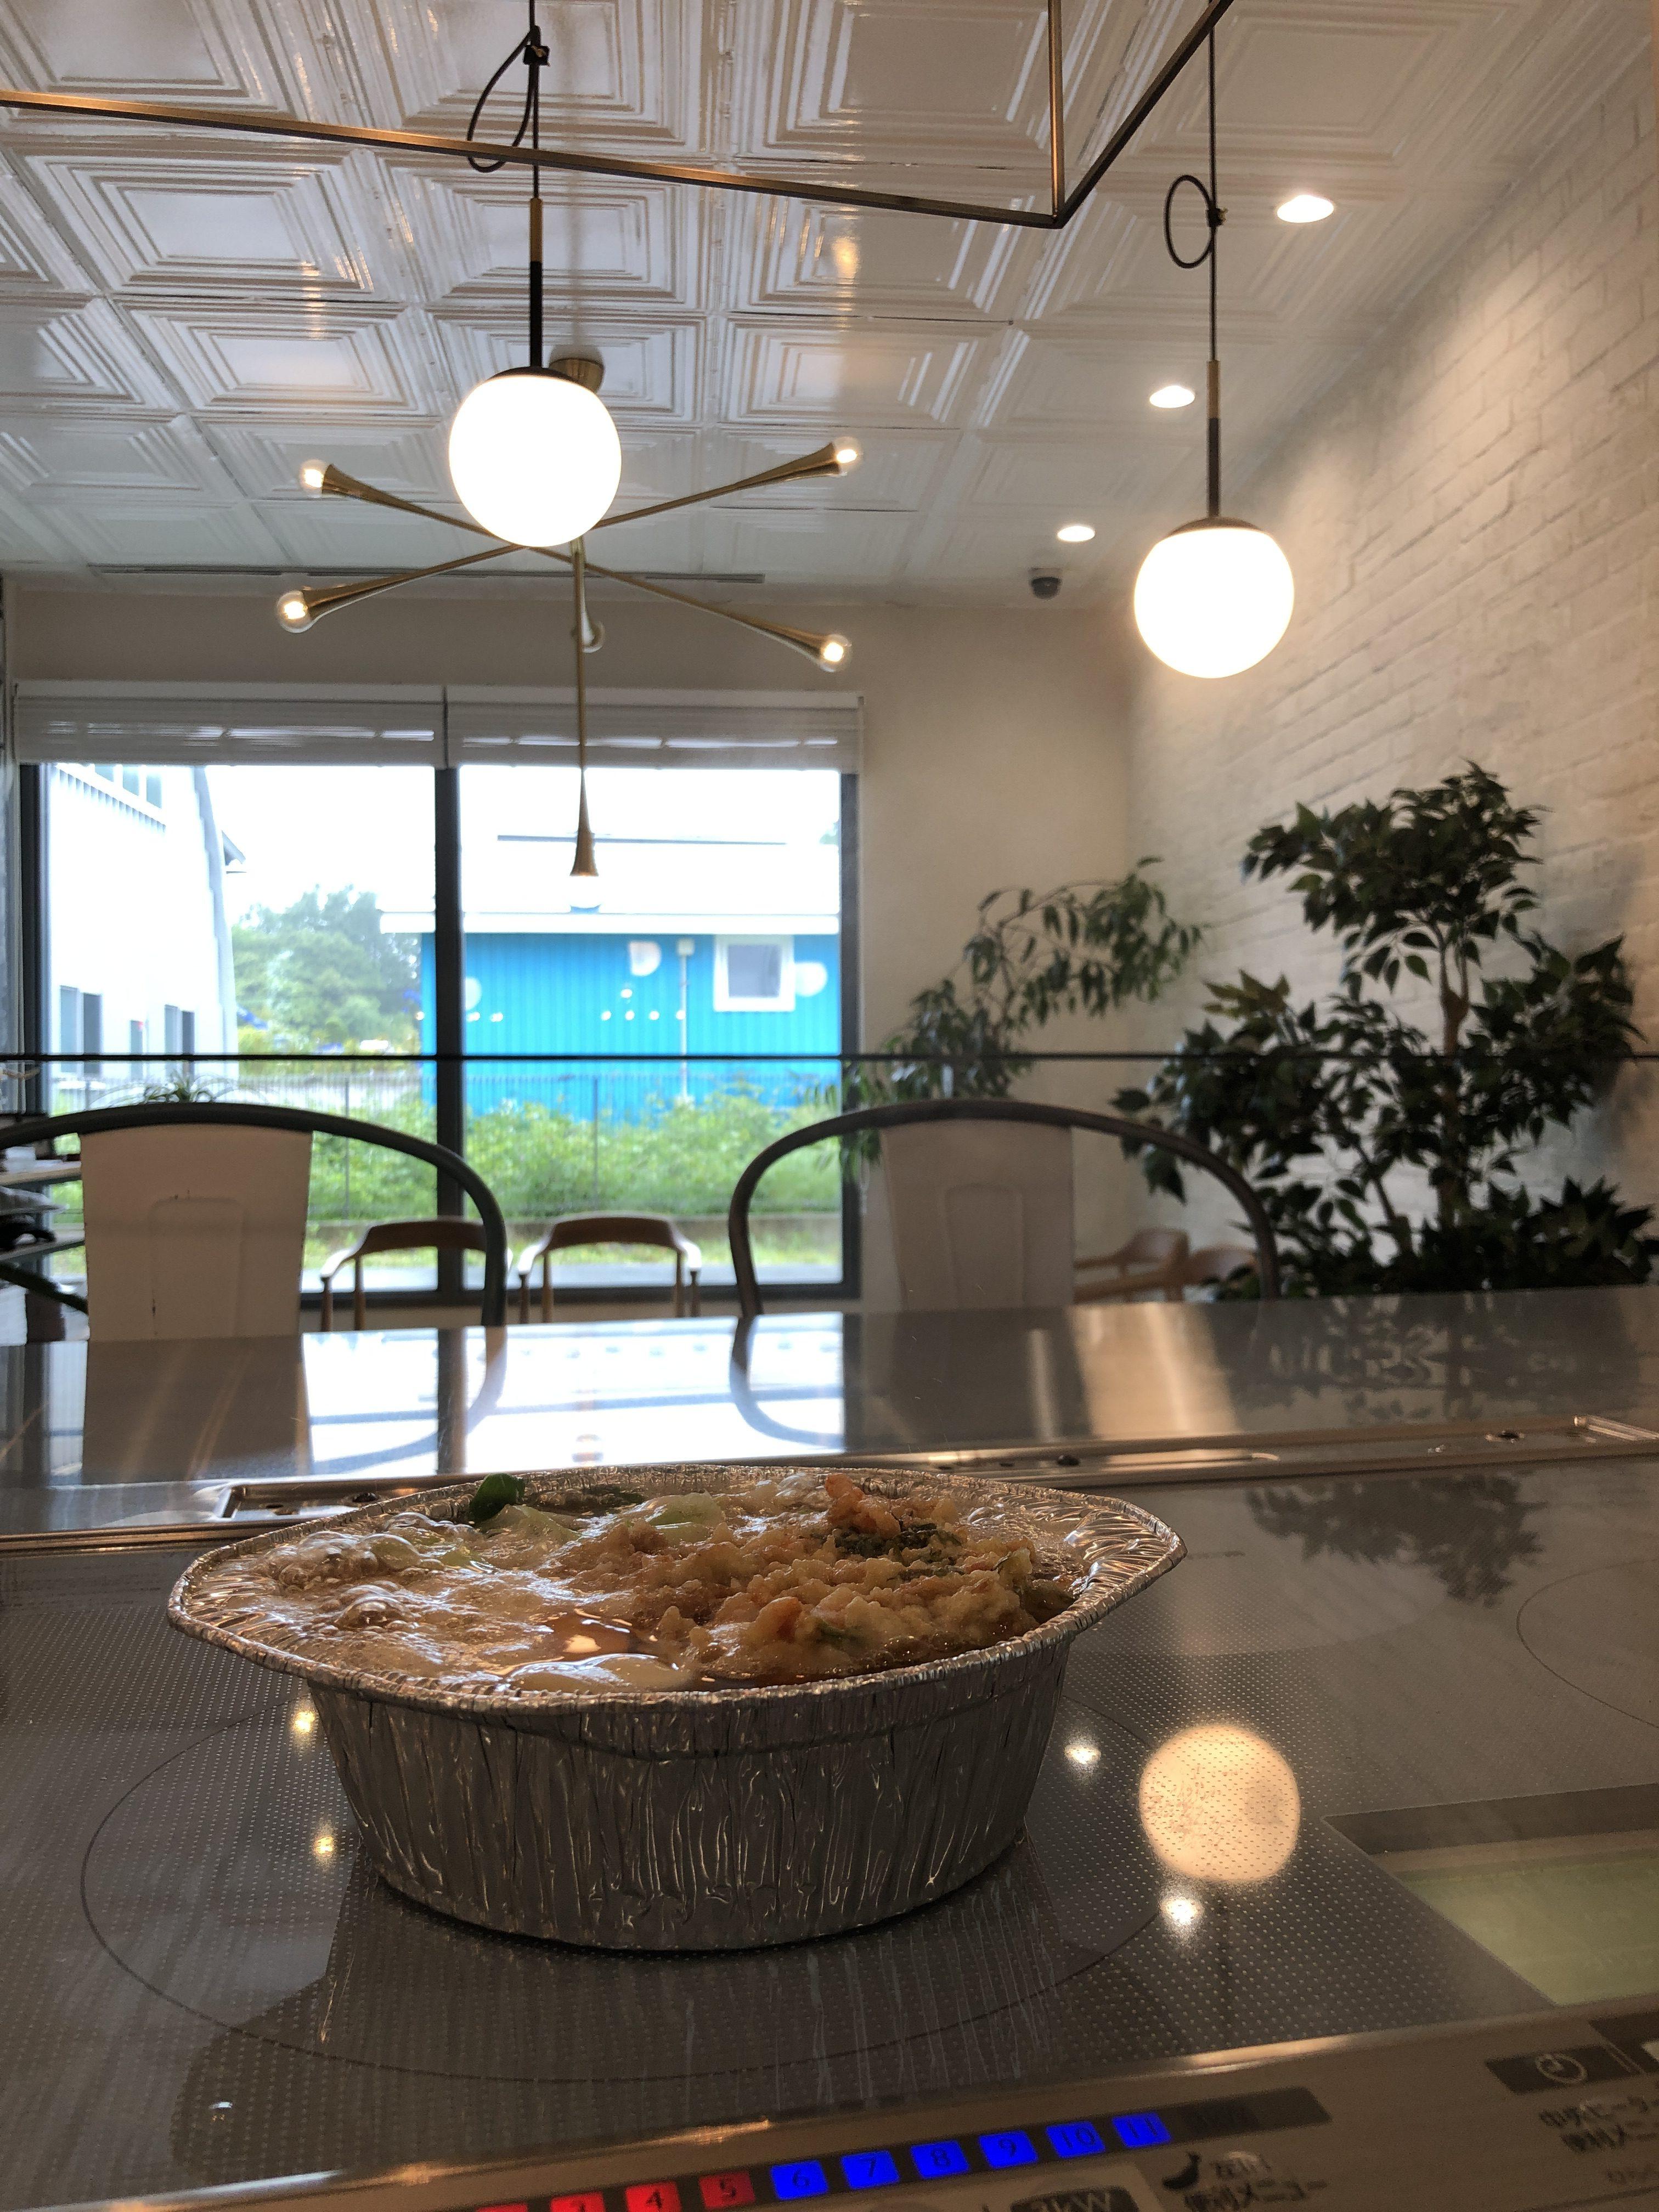 山梨県の工務店、未来建築工房とつくる注文住宅。|鍋焼きうどん